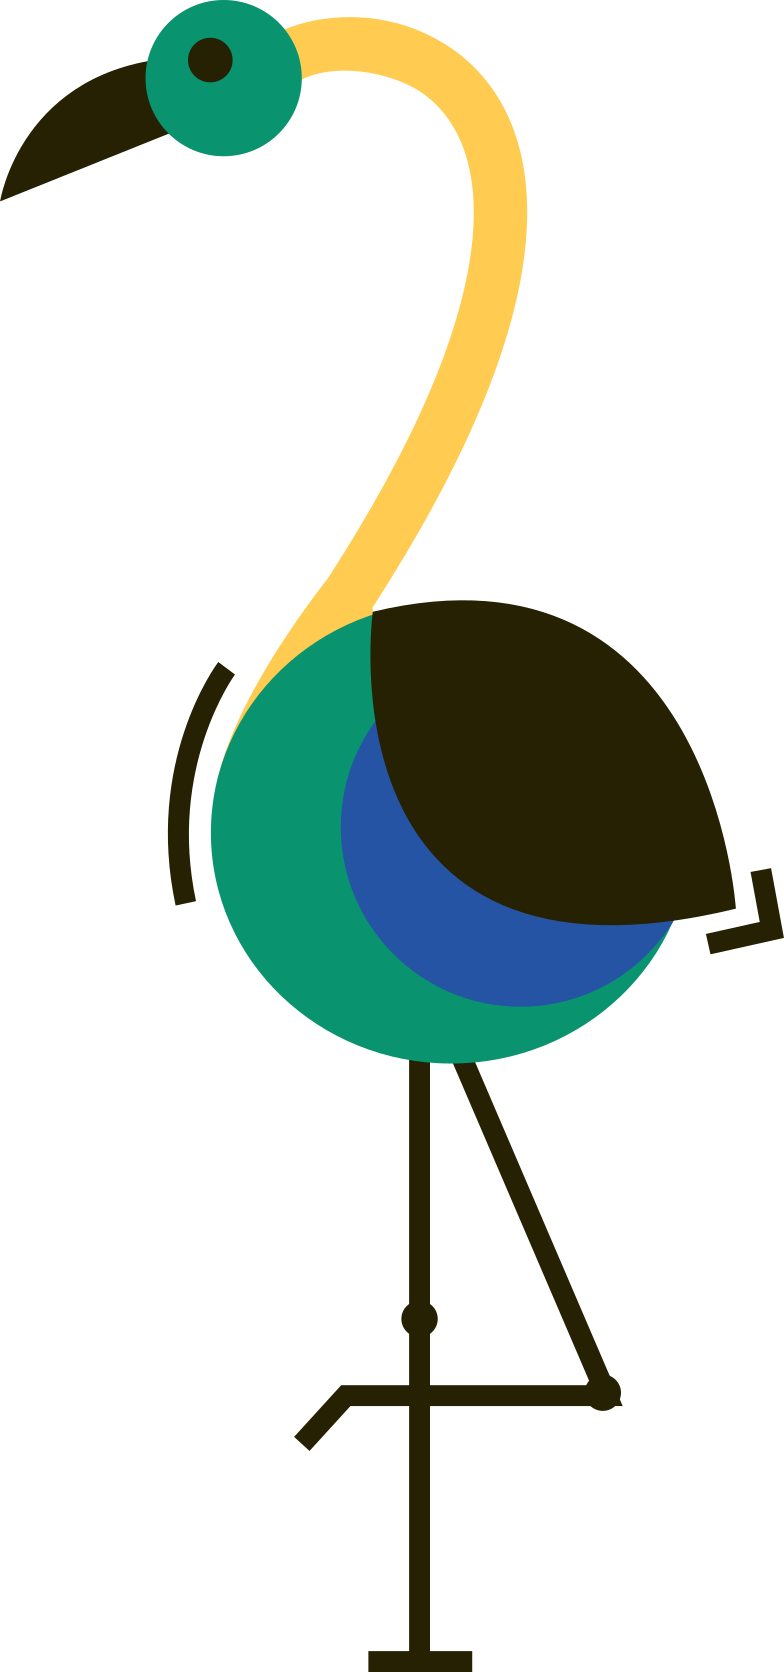 PNGとSVGの  スタイルの フラミンゴ ベクターイメージ | Icons8 イラスト